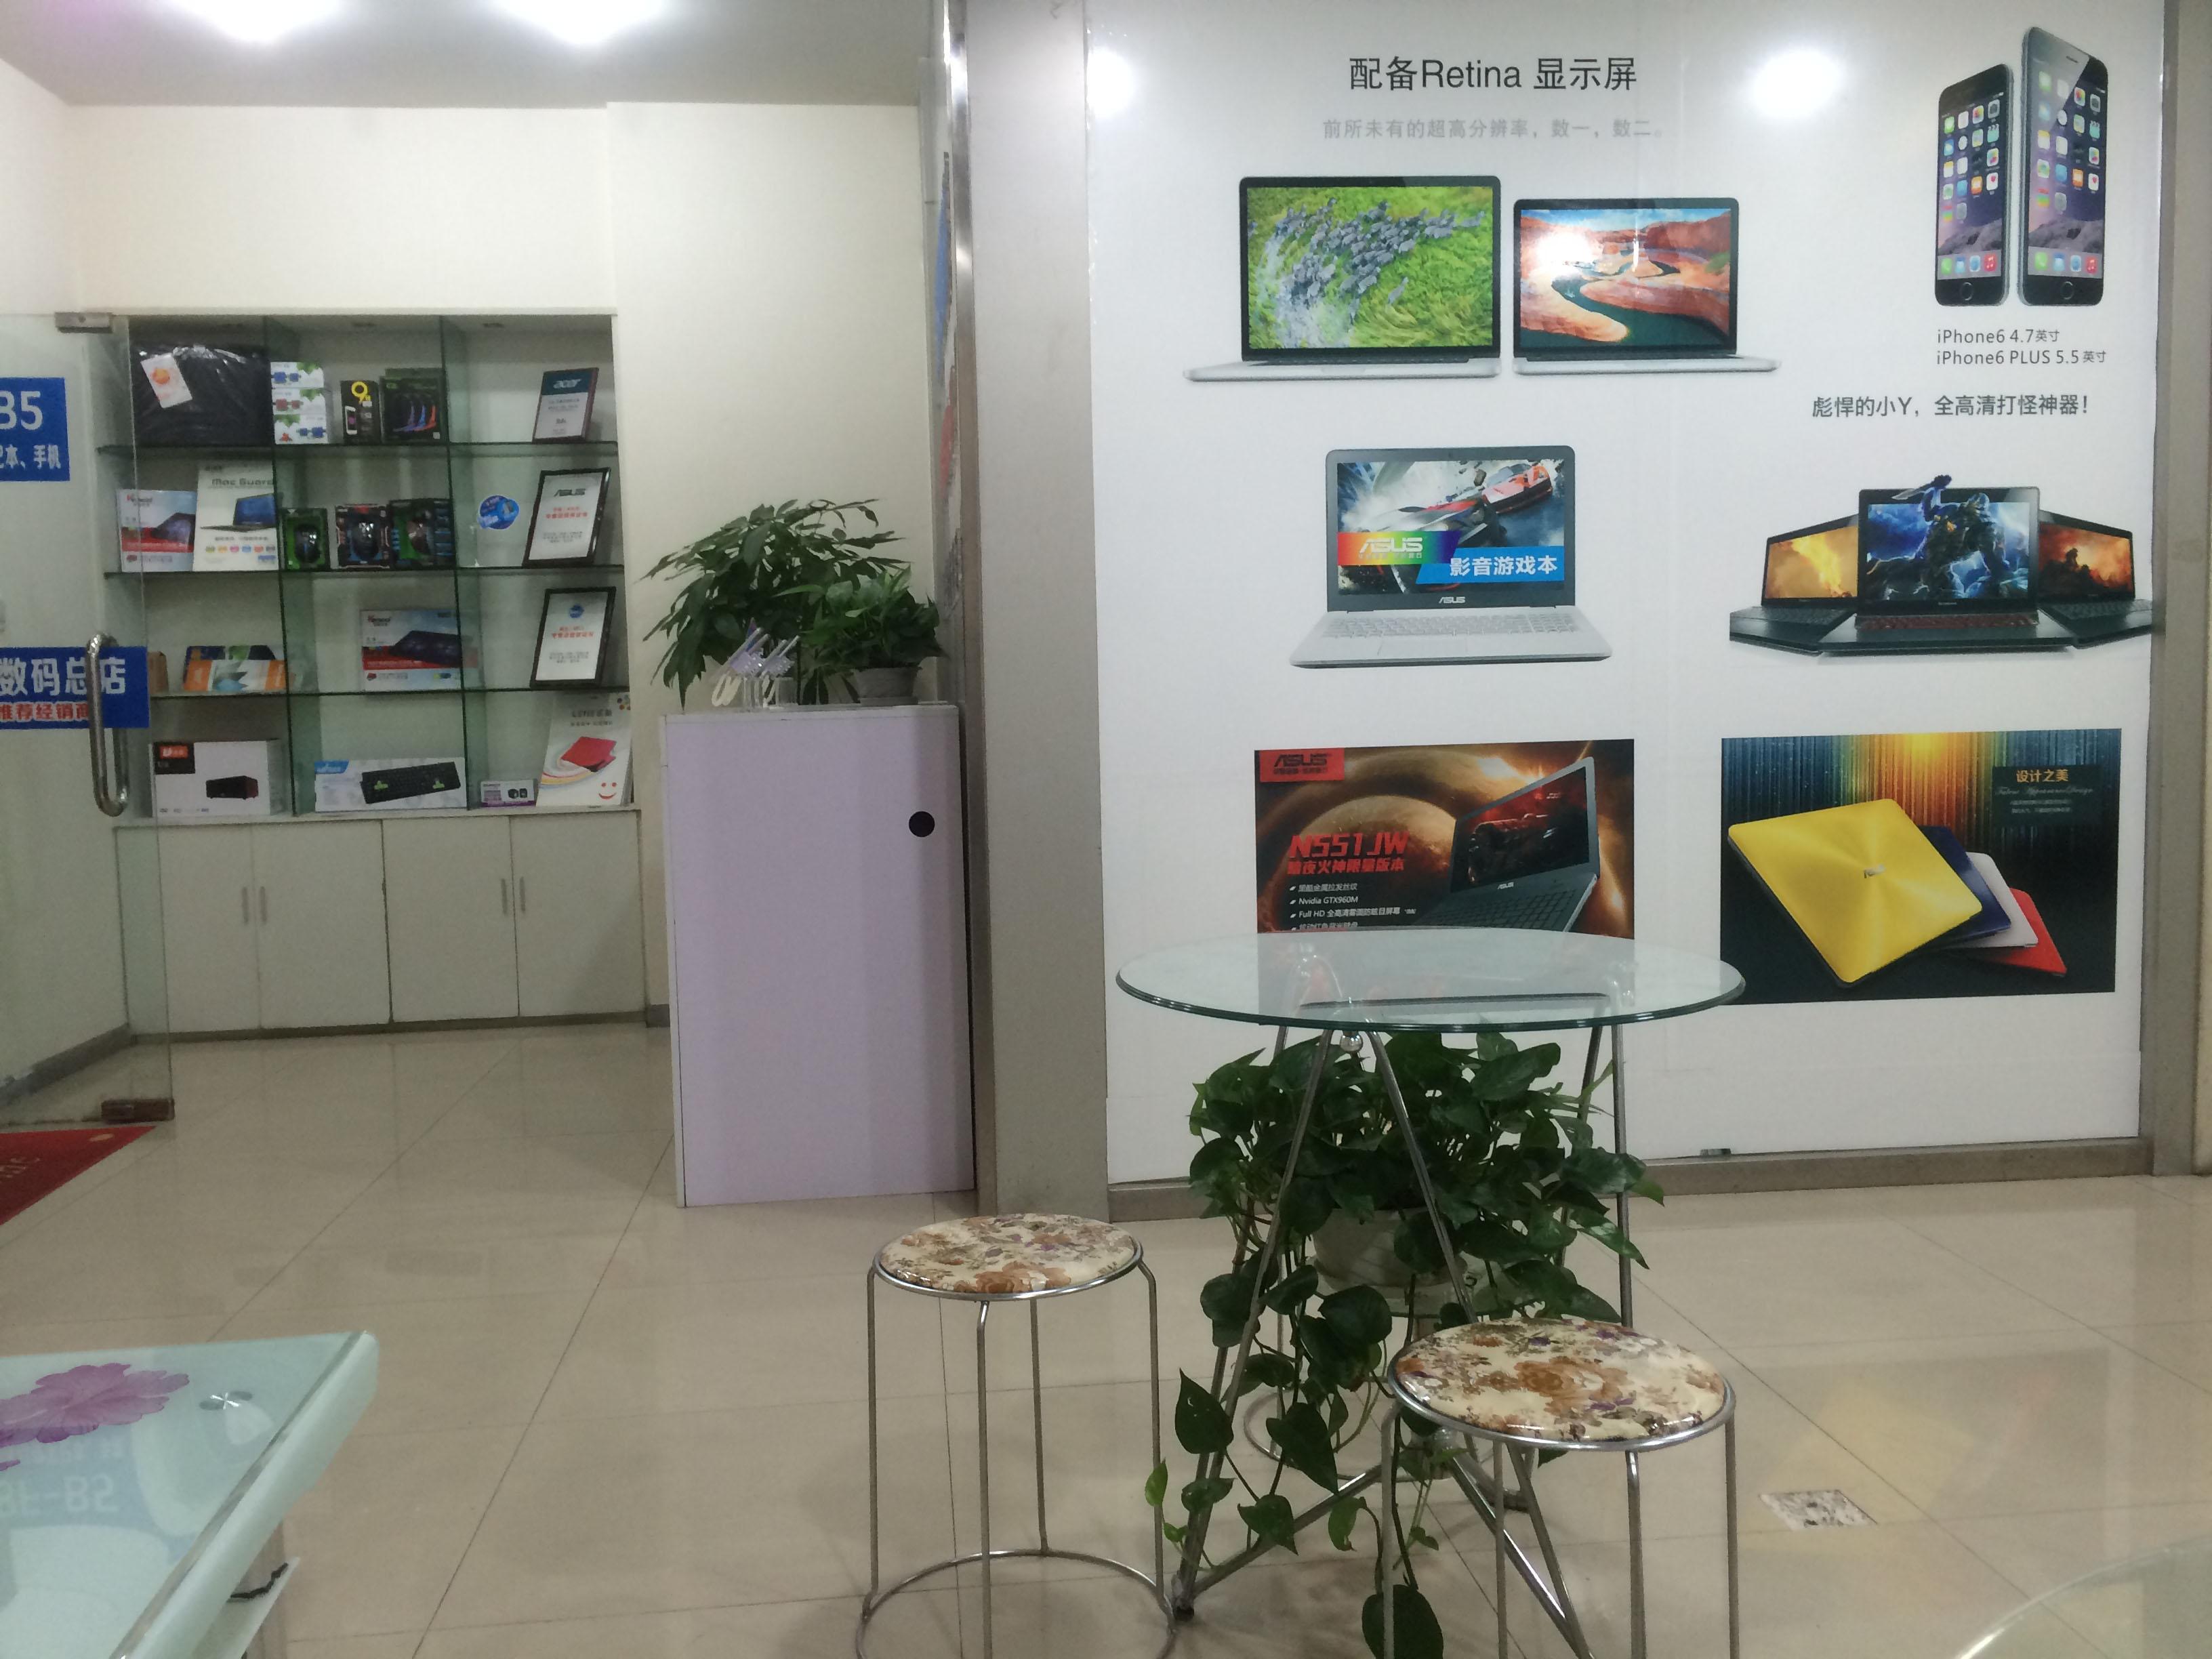 品信数码产品体验中心